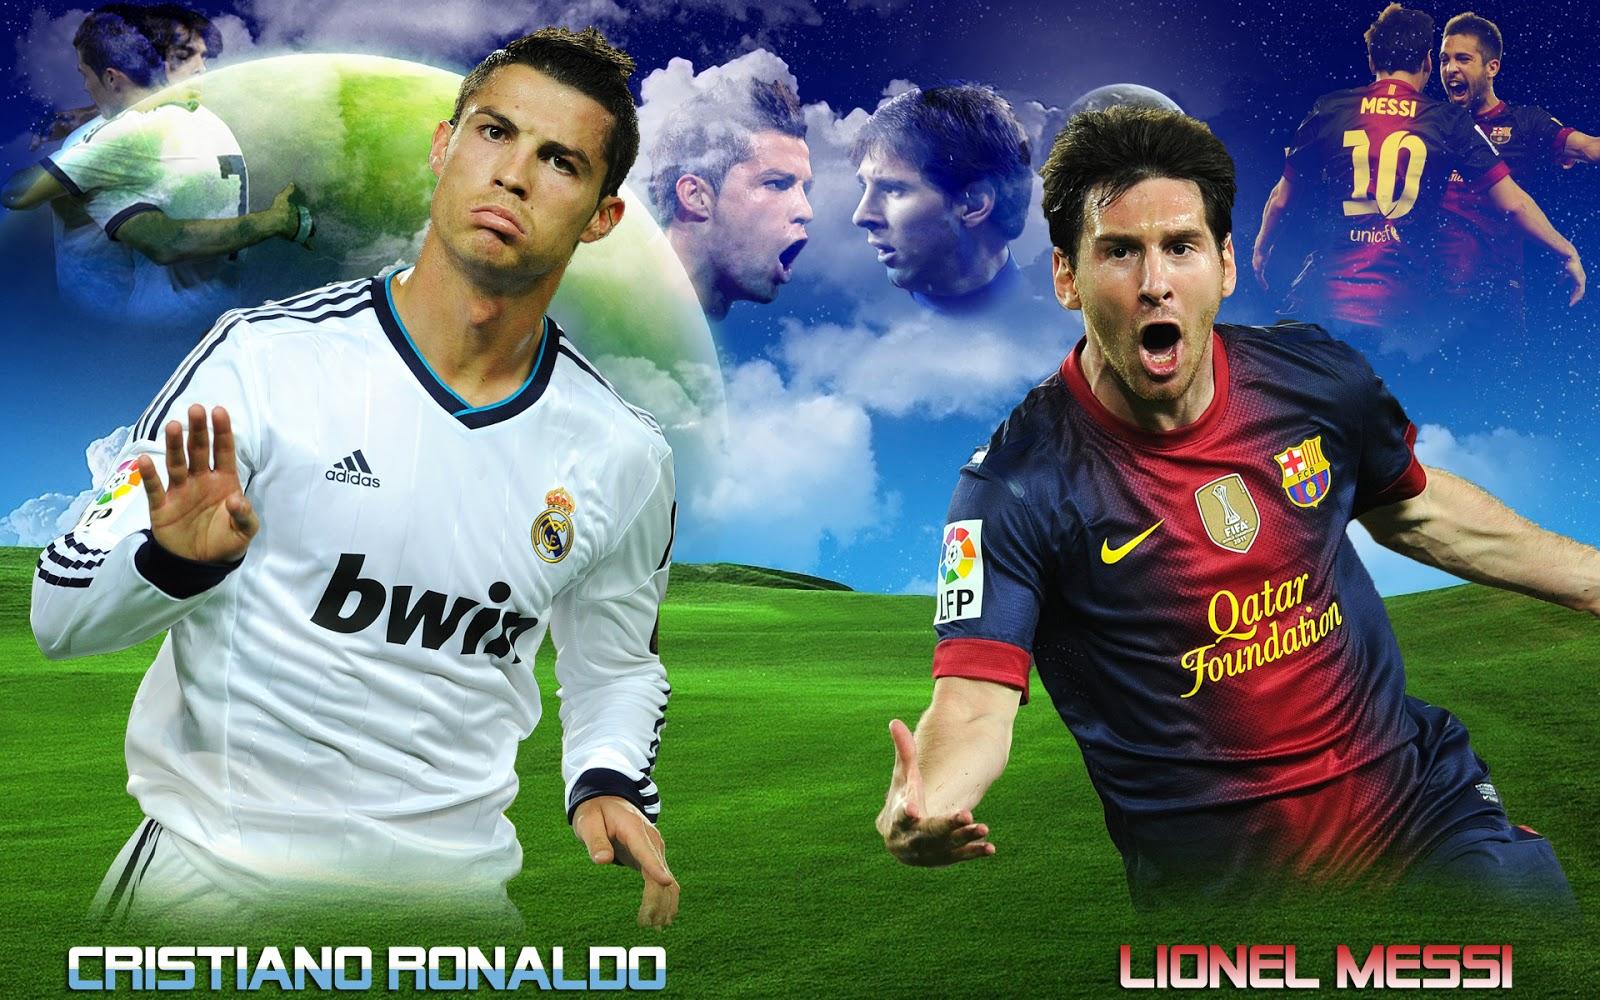 Free Download Best Lionel Messi Vs Cristiano Ronaldo 2014 Hd